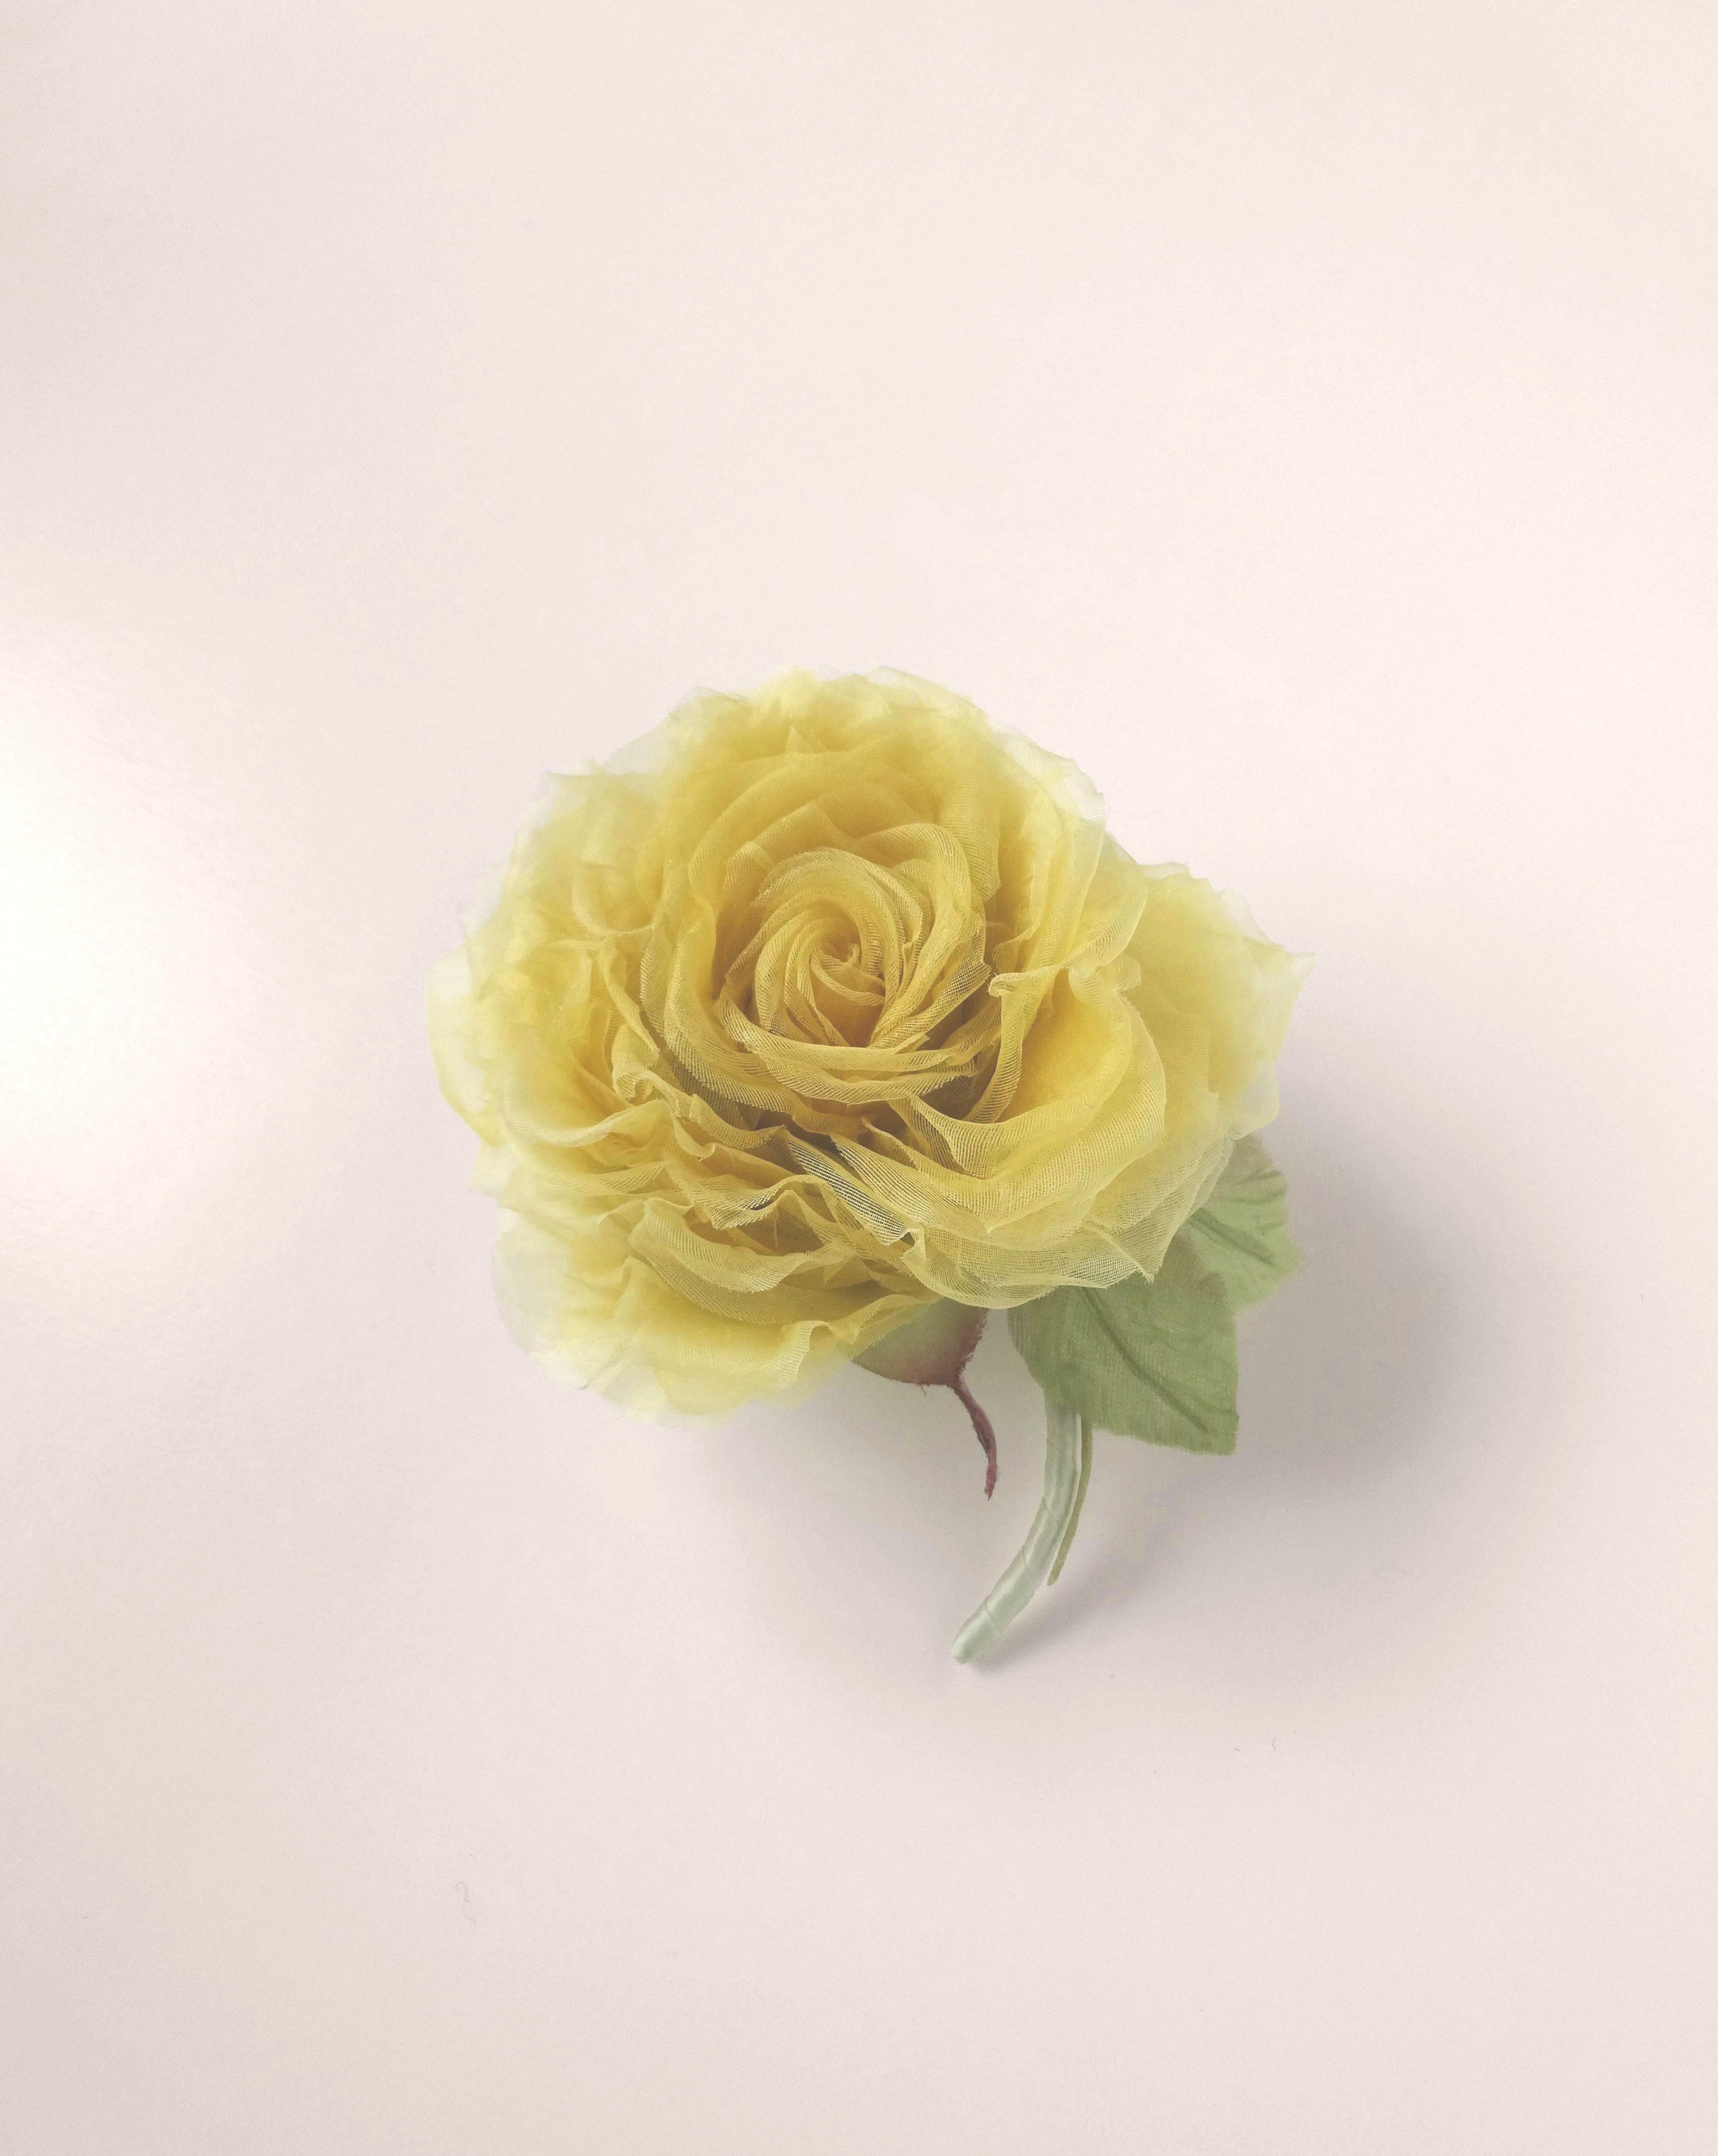 優しいイエローの巻き薔薇 * シルクオーガンジー製 *コサージュ